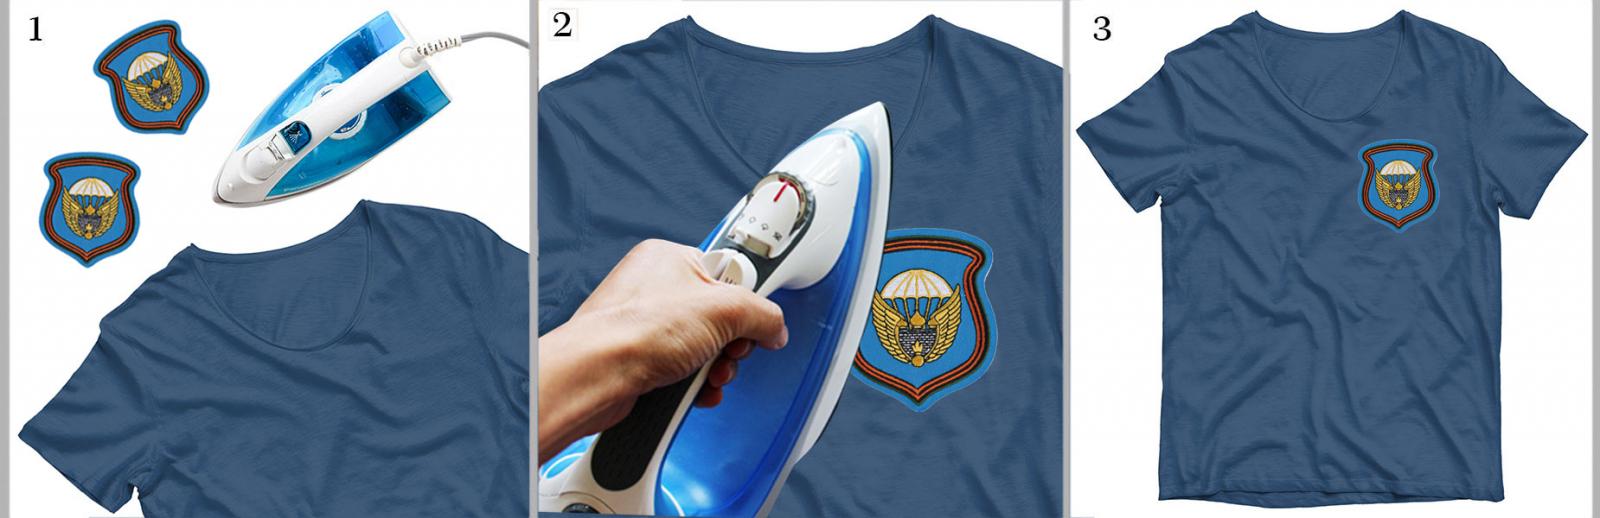 Нашивка с эмблемой 106 гв. ВДД на футболке